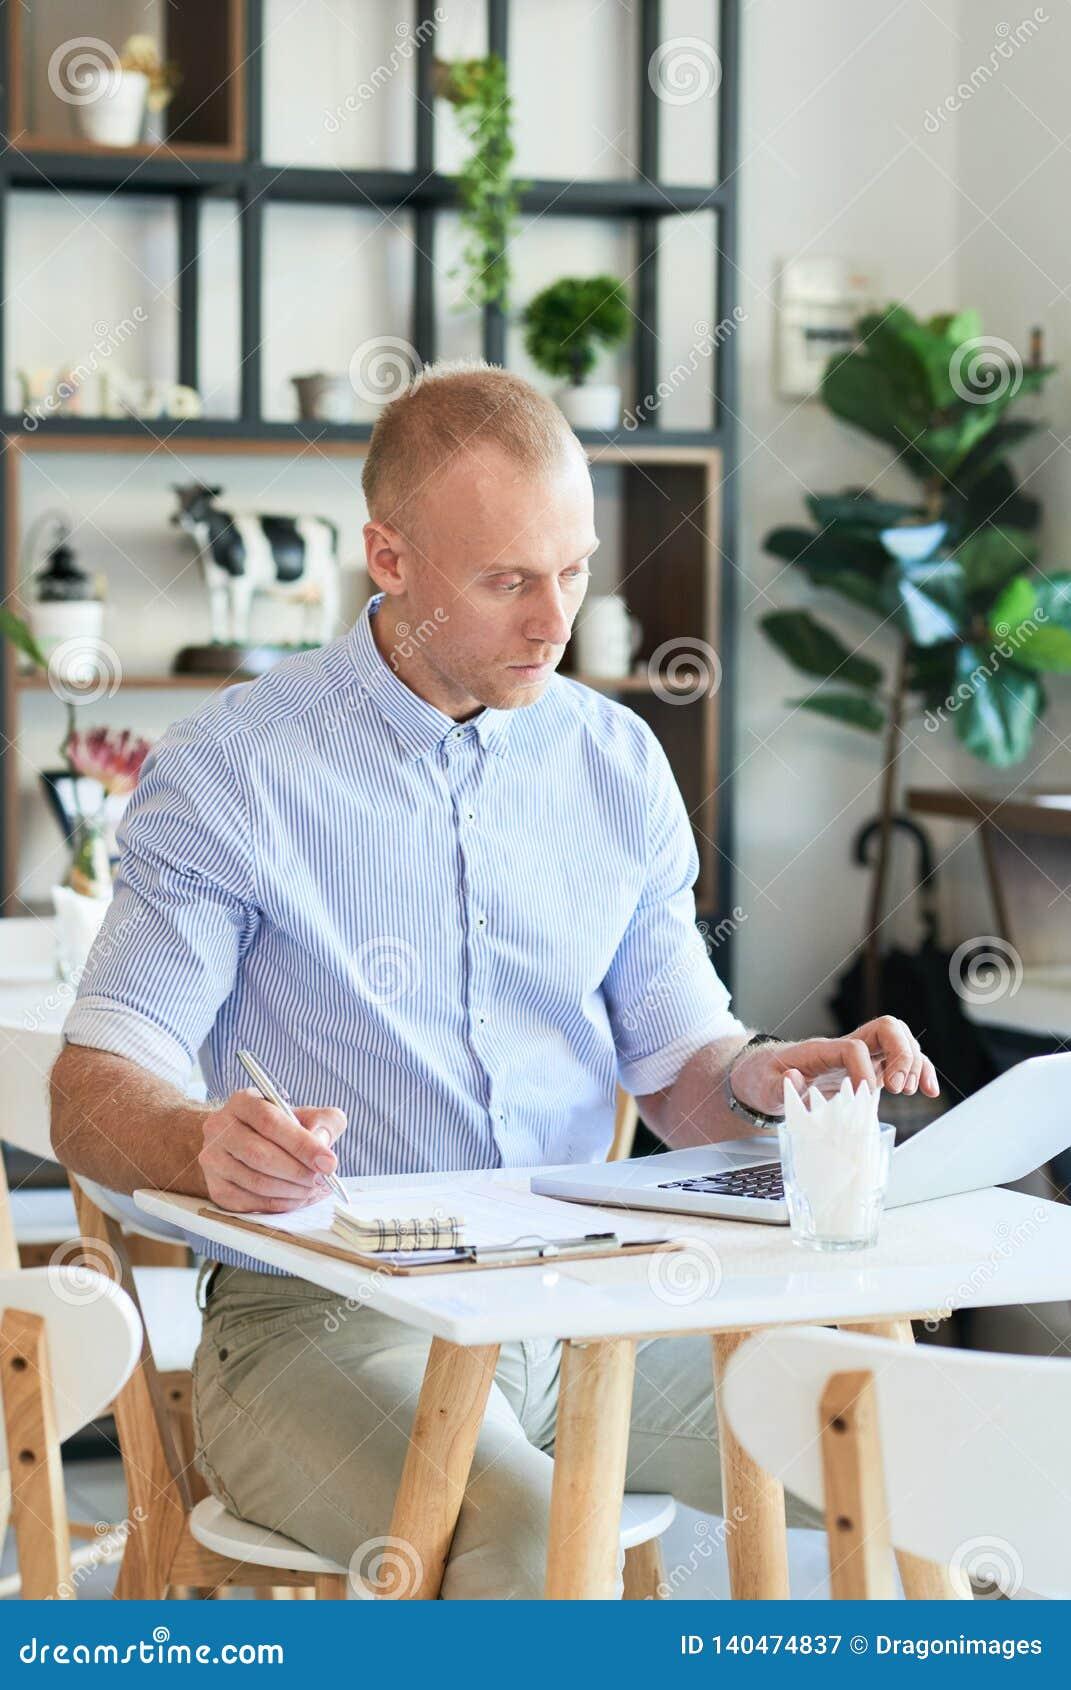 Kaffeestubemanager mit Laptop und Papieren